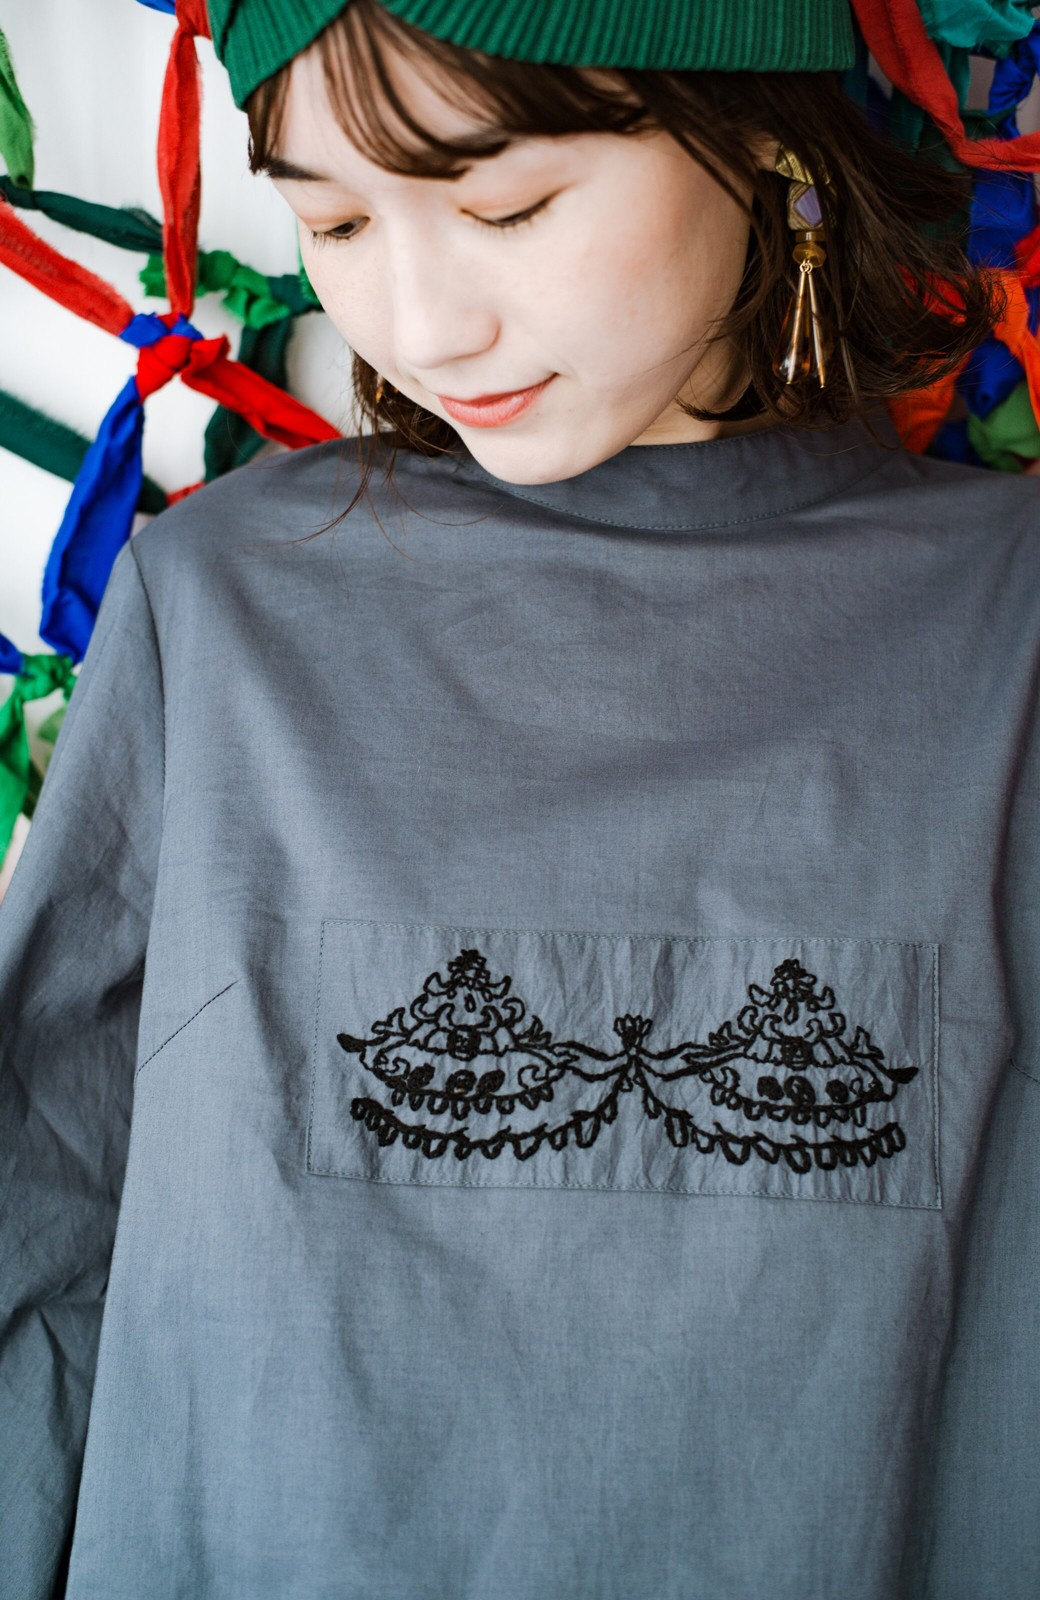 haco! 上品な刺繍がまるでレースのよう オーガニックコットンの袖ぽんわりブラウス from Stitch by Stitch <グレイッシュブルー>の商品写真5